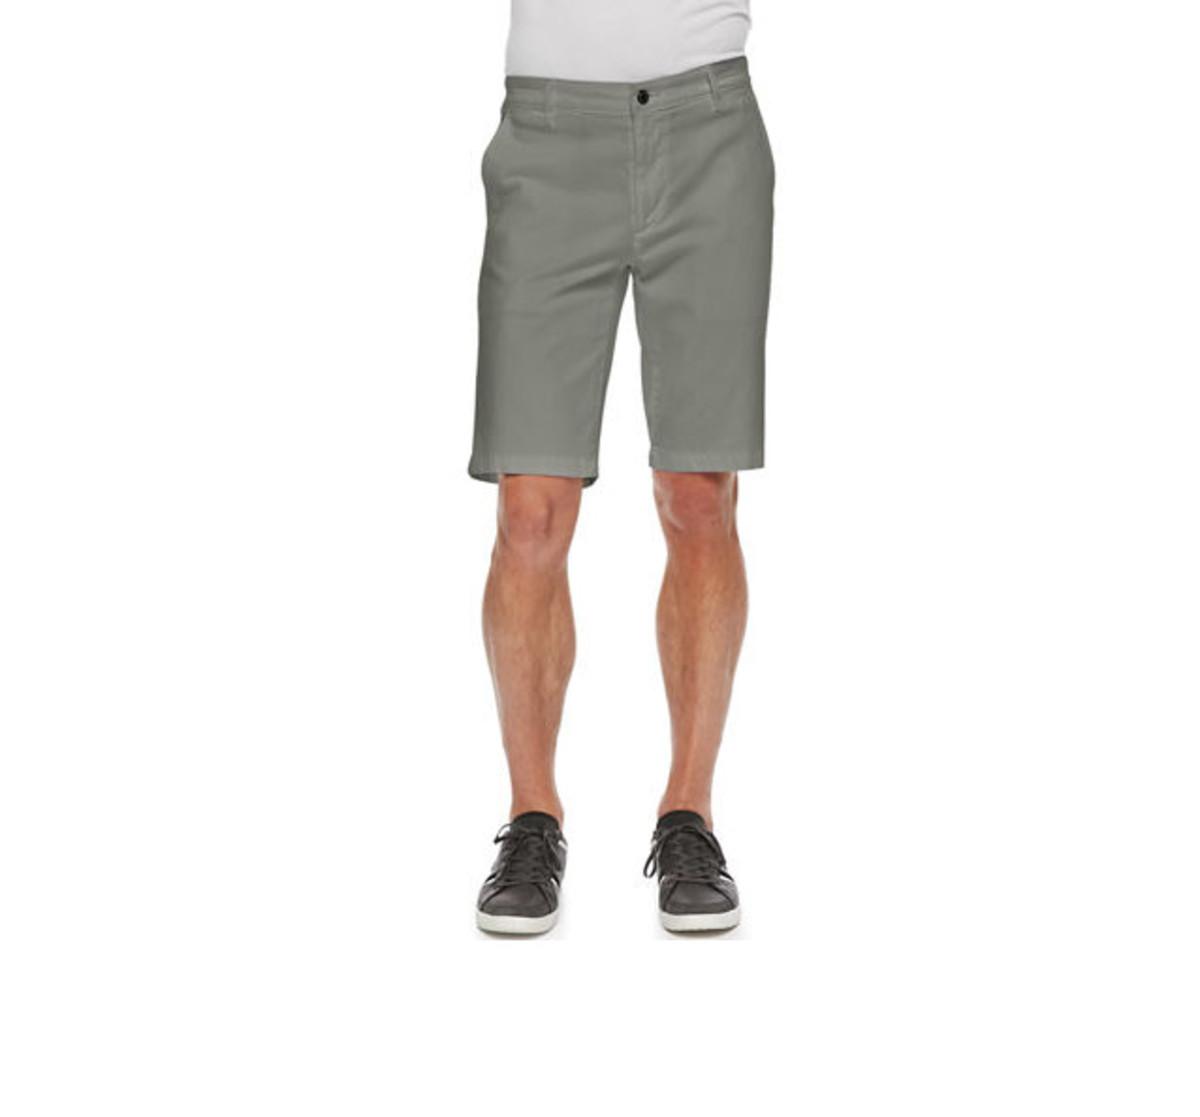 ag-neimna-marcus-shorts.jpg